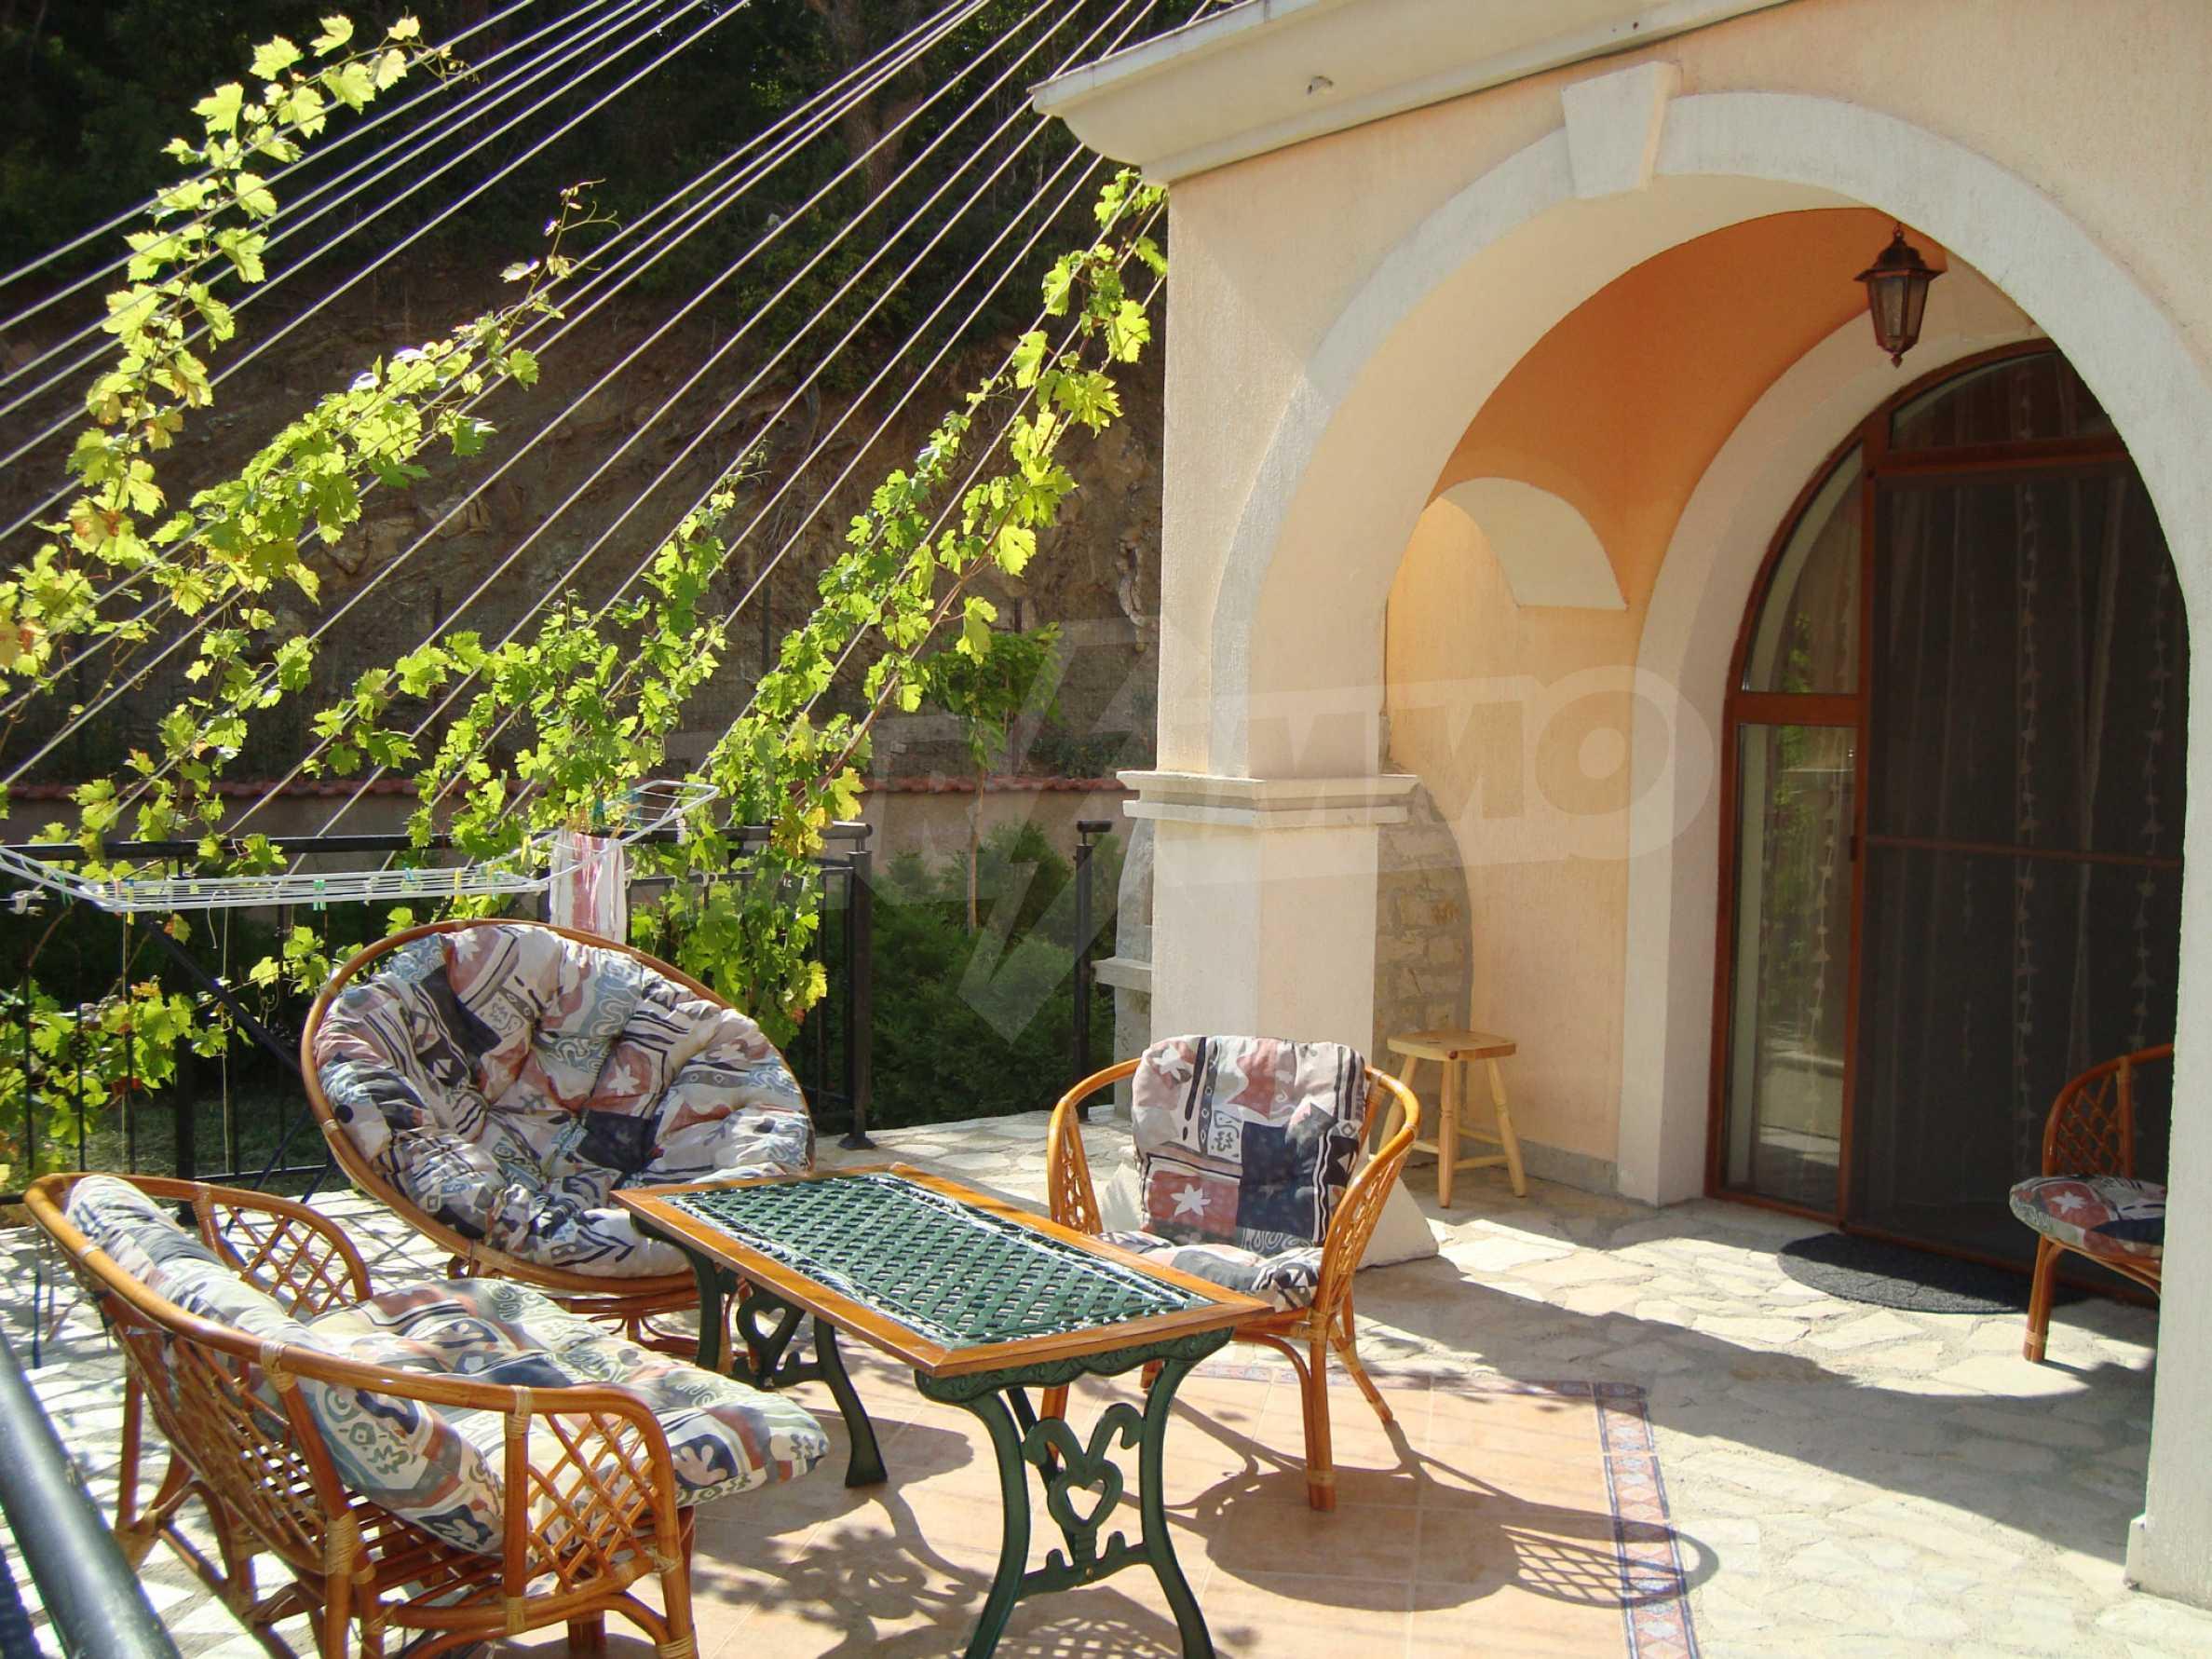 2-stöckige Villa zum Verkauf in Elenite Feriendorf, 6